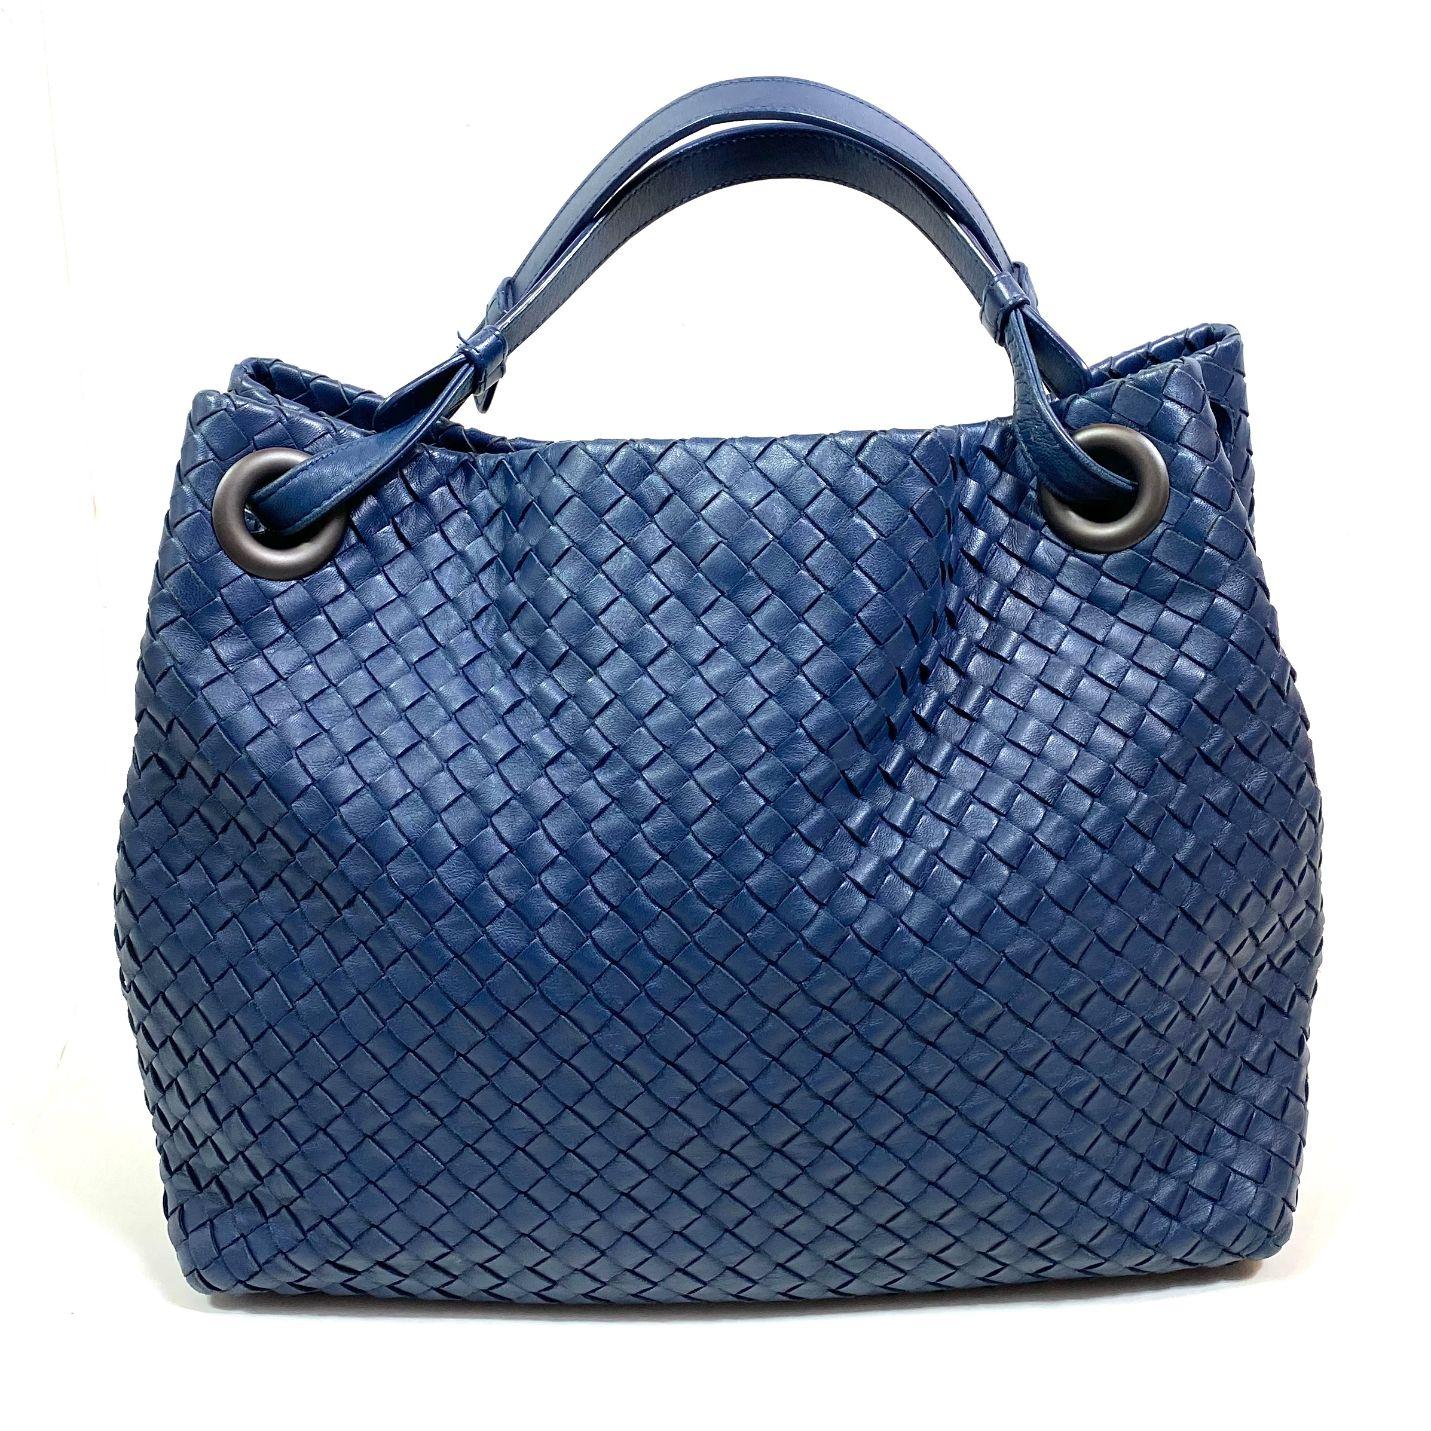 Bolsa Bottega Veneta Guarda Intrecciato Azul